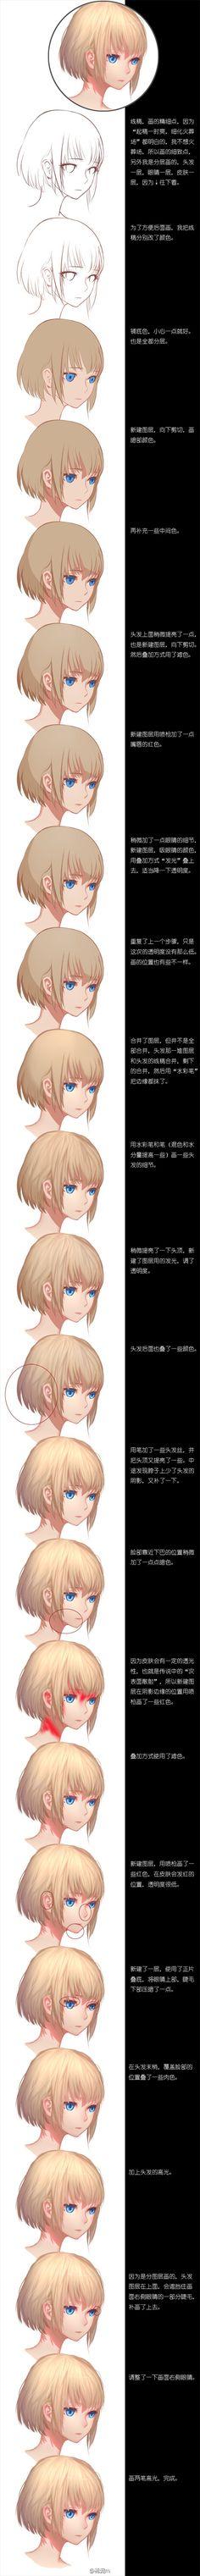 步骤图 by 稀泥m on Weibo